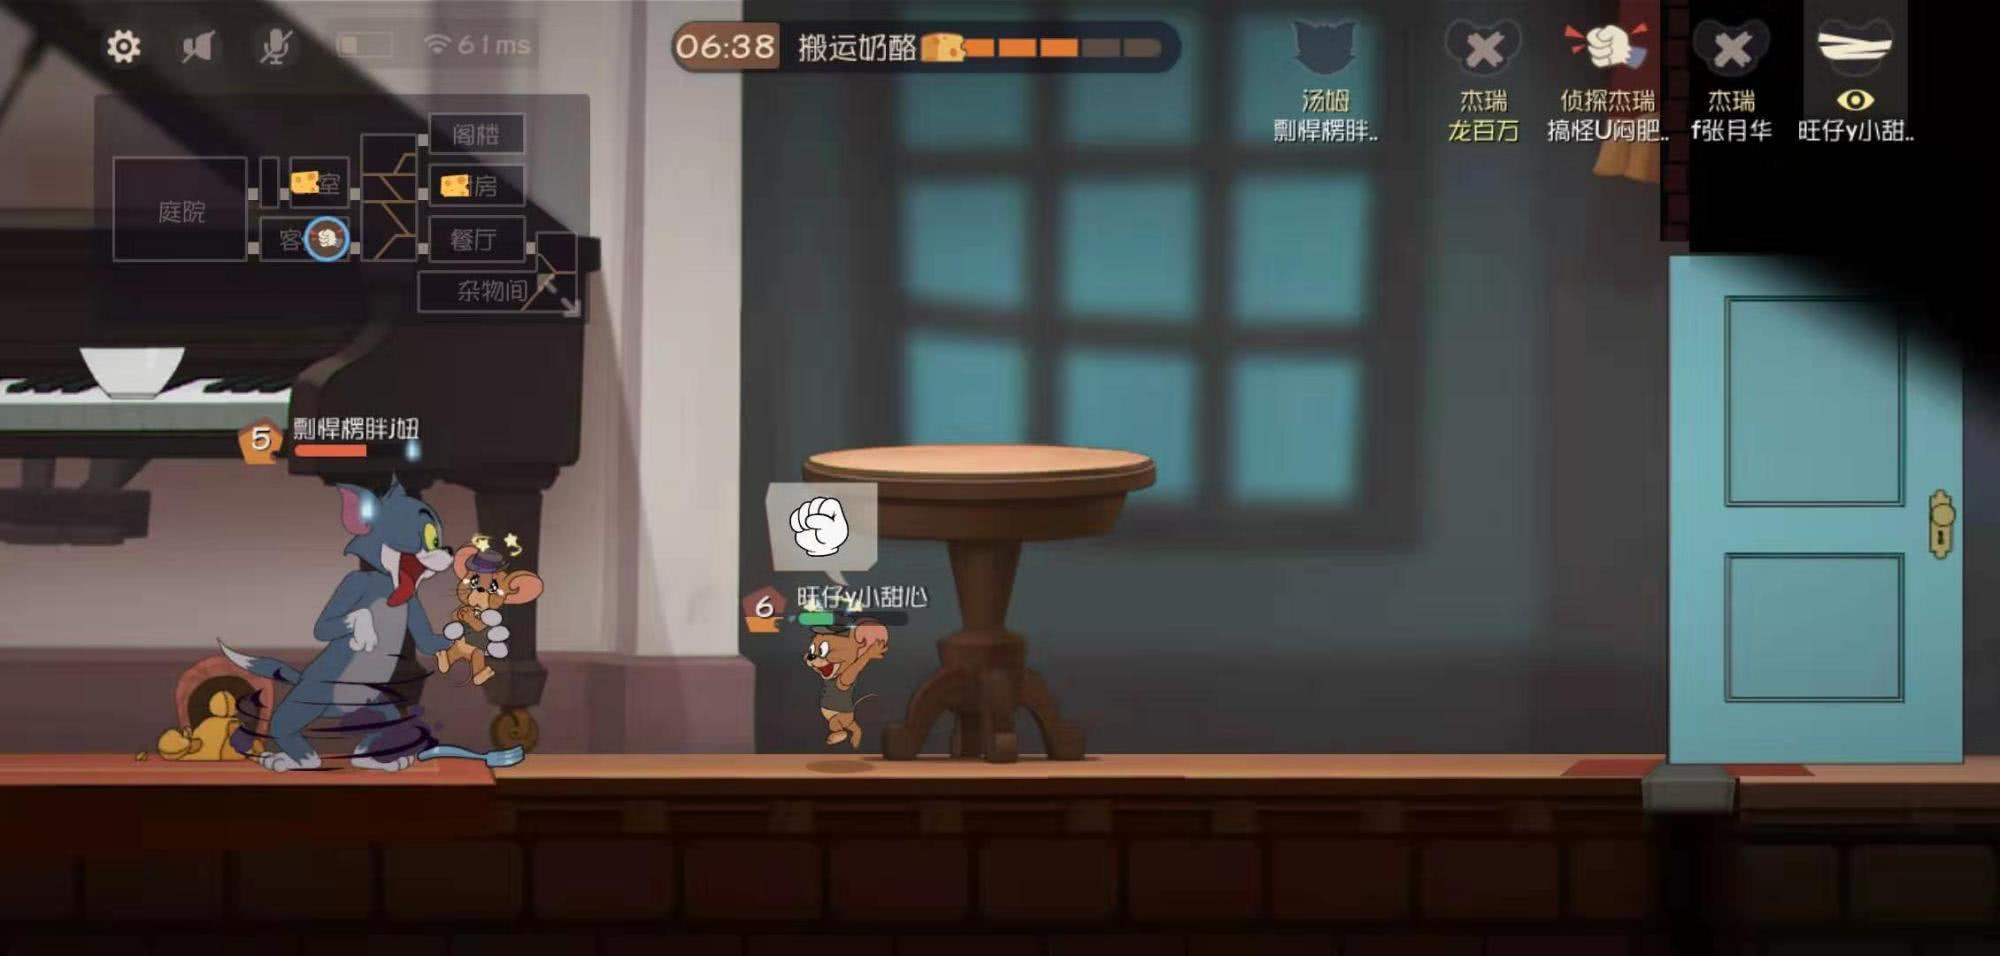 《猫和老鼠》游戏中的救人10法,最后一个外号借刀杀人!